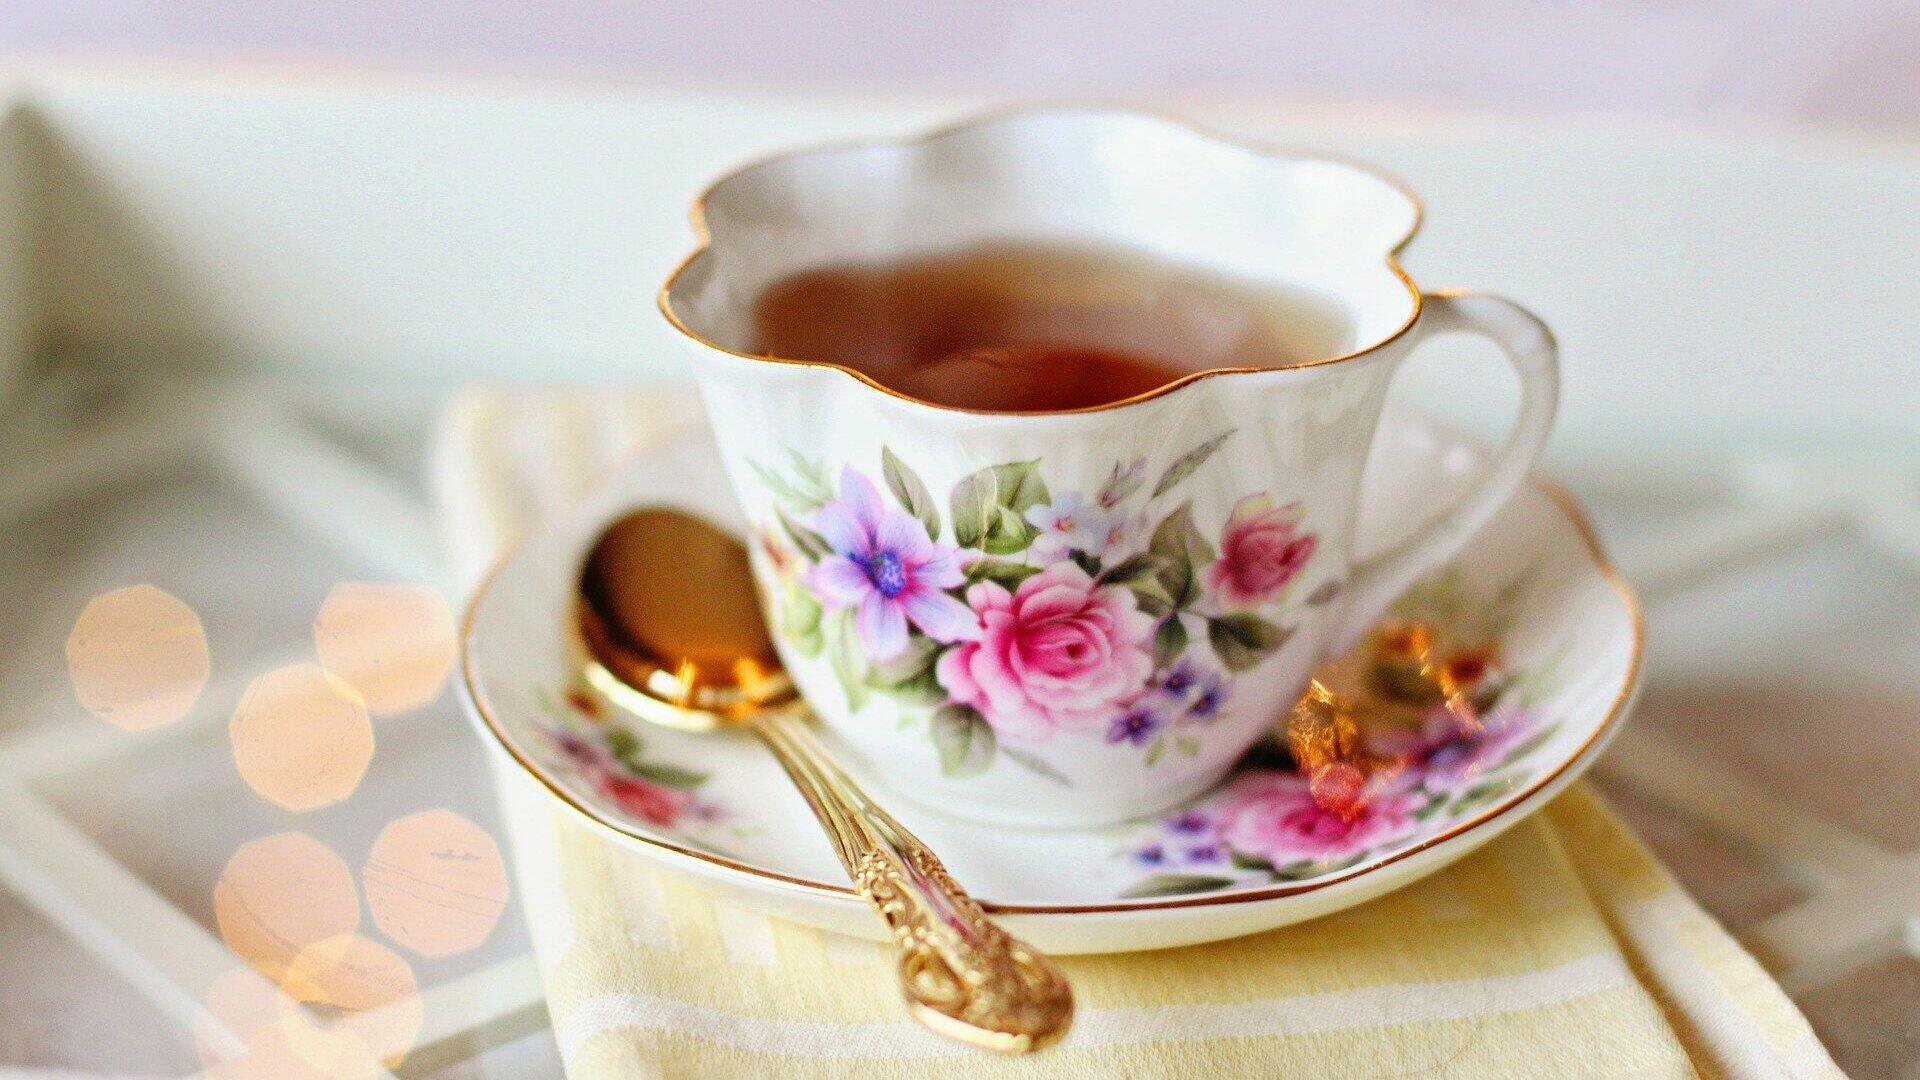 Ученые нашли в чае множество неизвестных потенциально опасных соединений